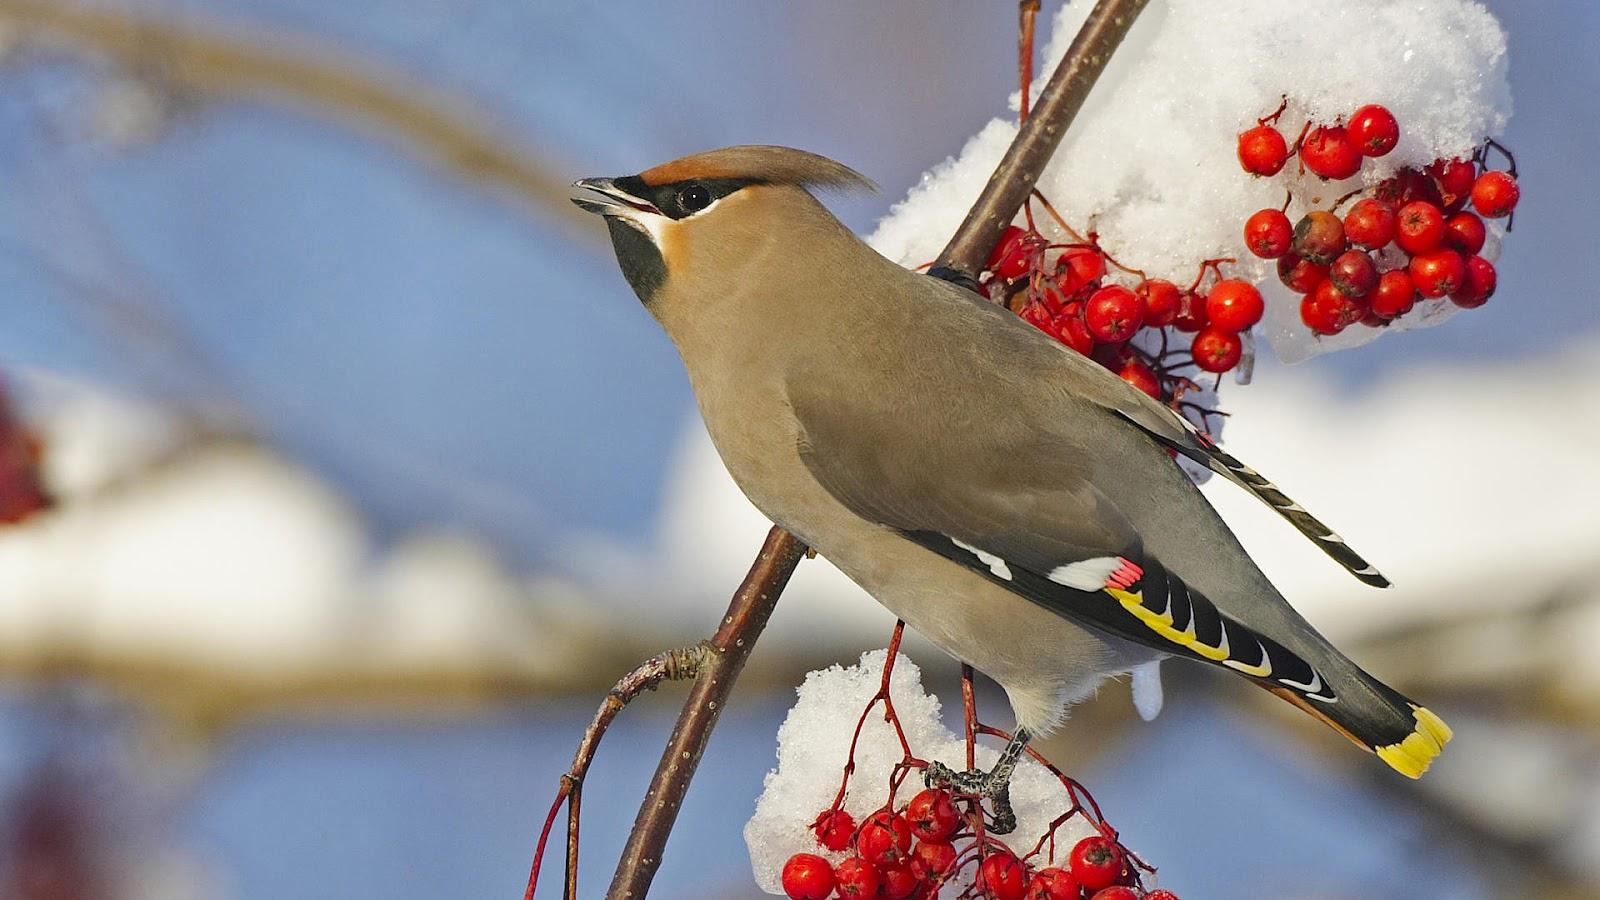 HD animal wallpaper of a bird on a branch Bird wallpaper 1600x900